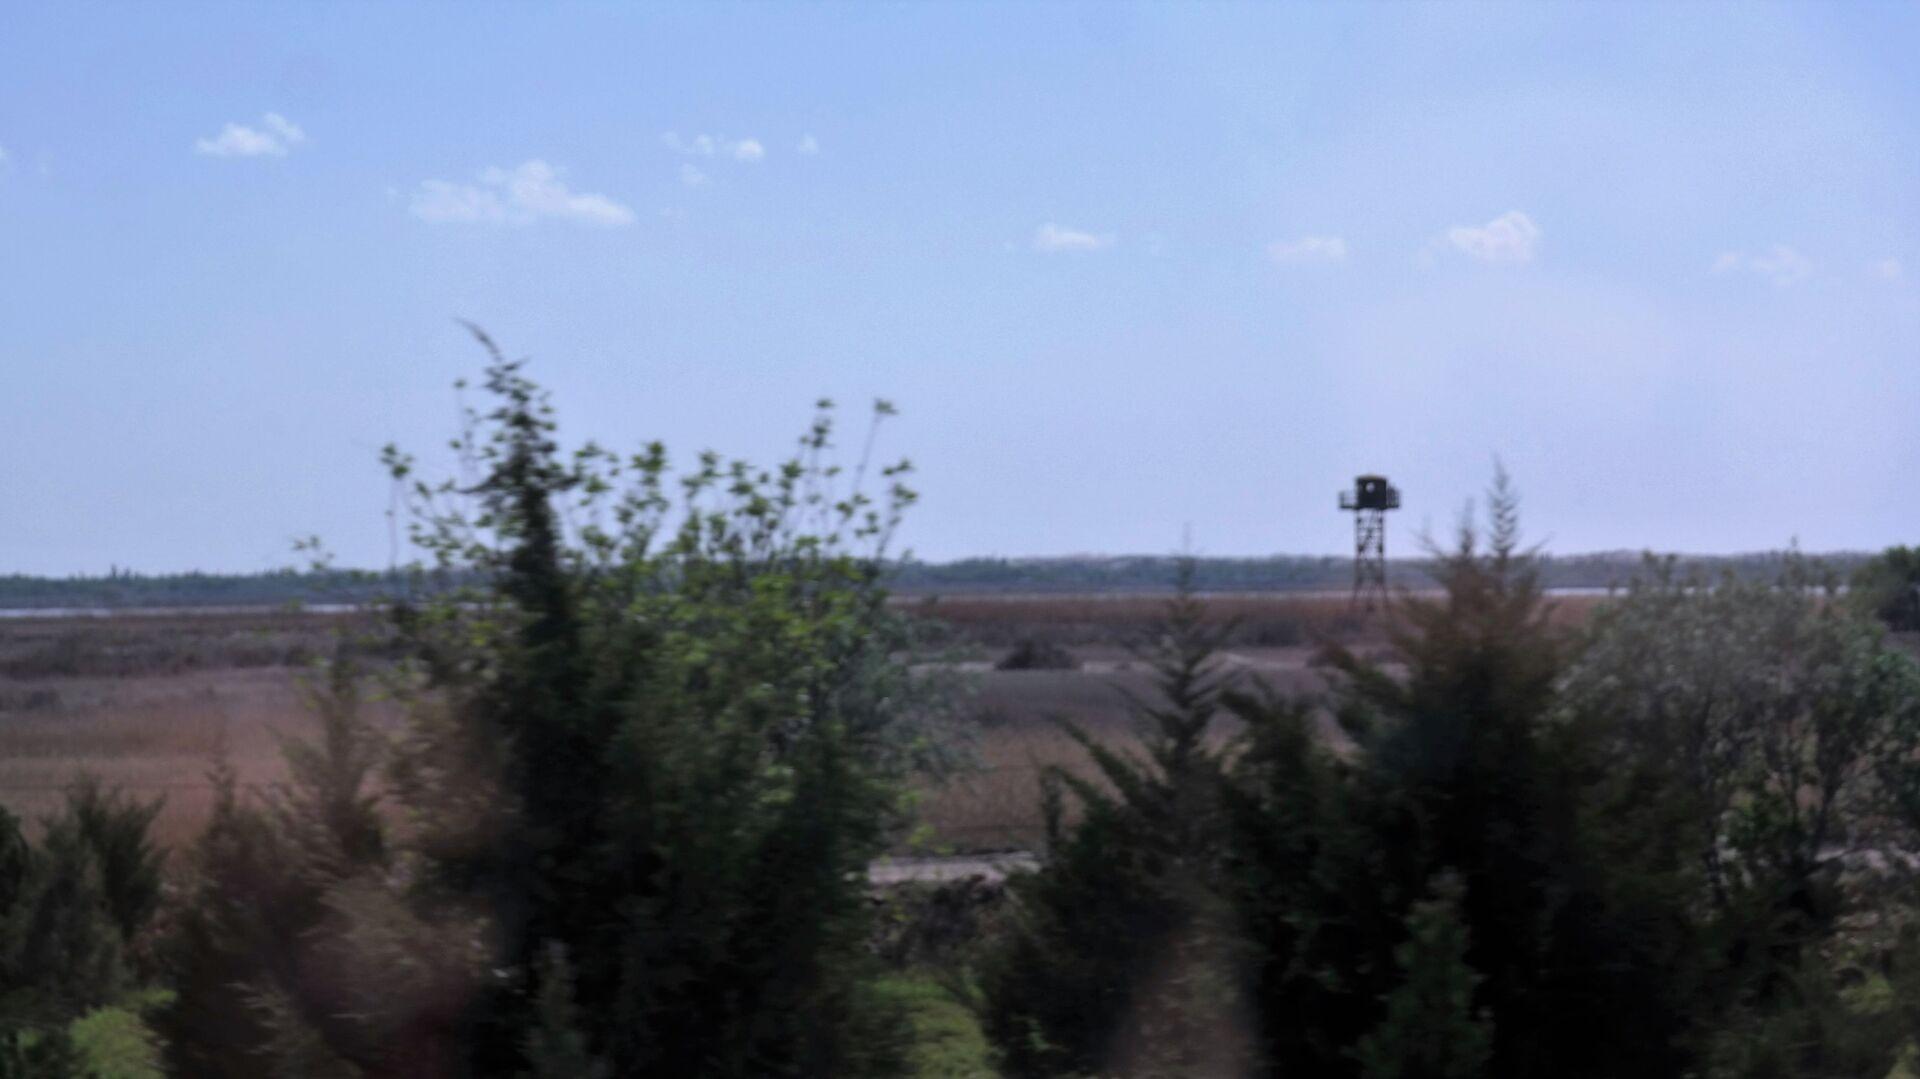 Город расположен на правом берегу реки Амударья, по которой проходит граница Республики Узбекистан с Исламской Республикой Афганистан. - Sputnik Ўзбекистон, 1920, 27.09.2021